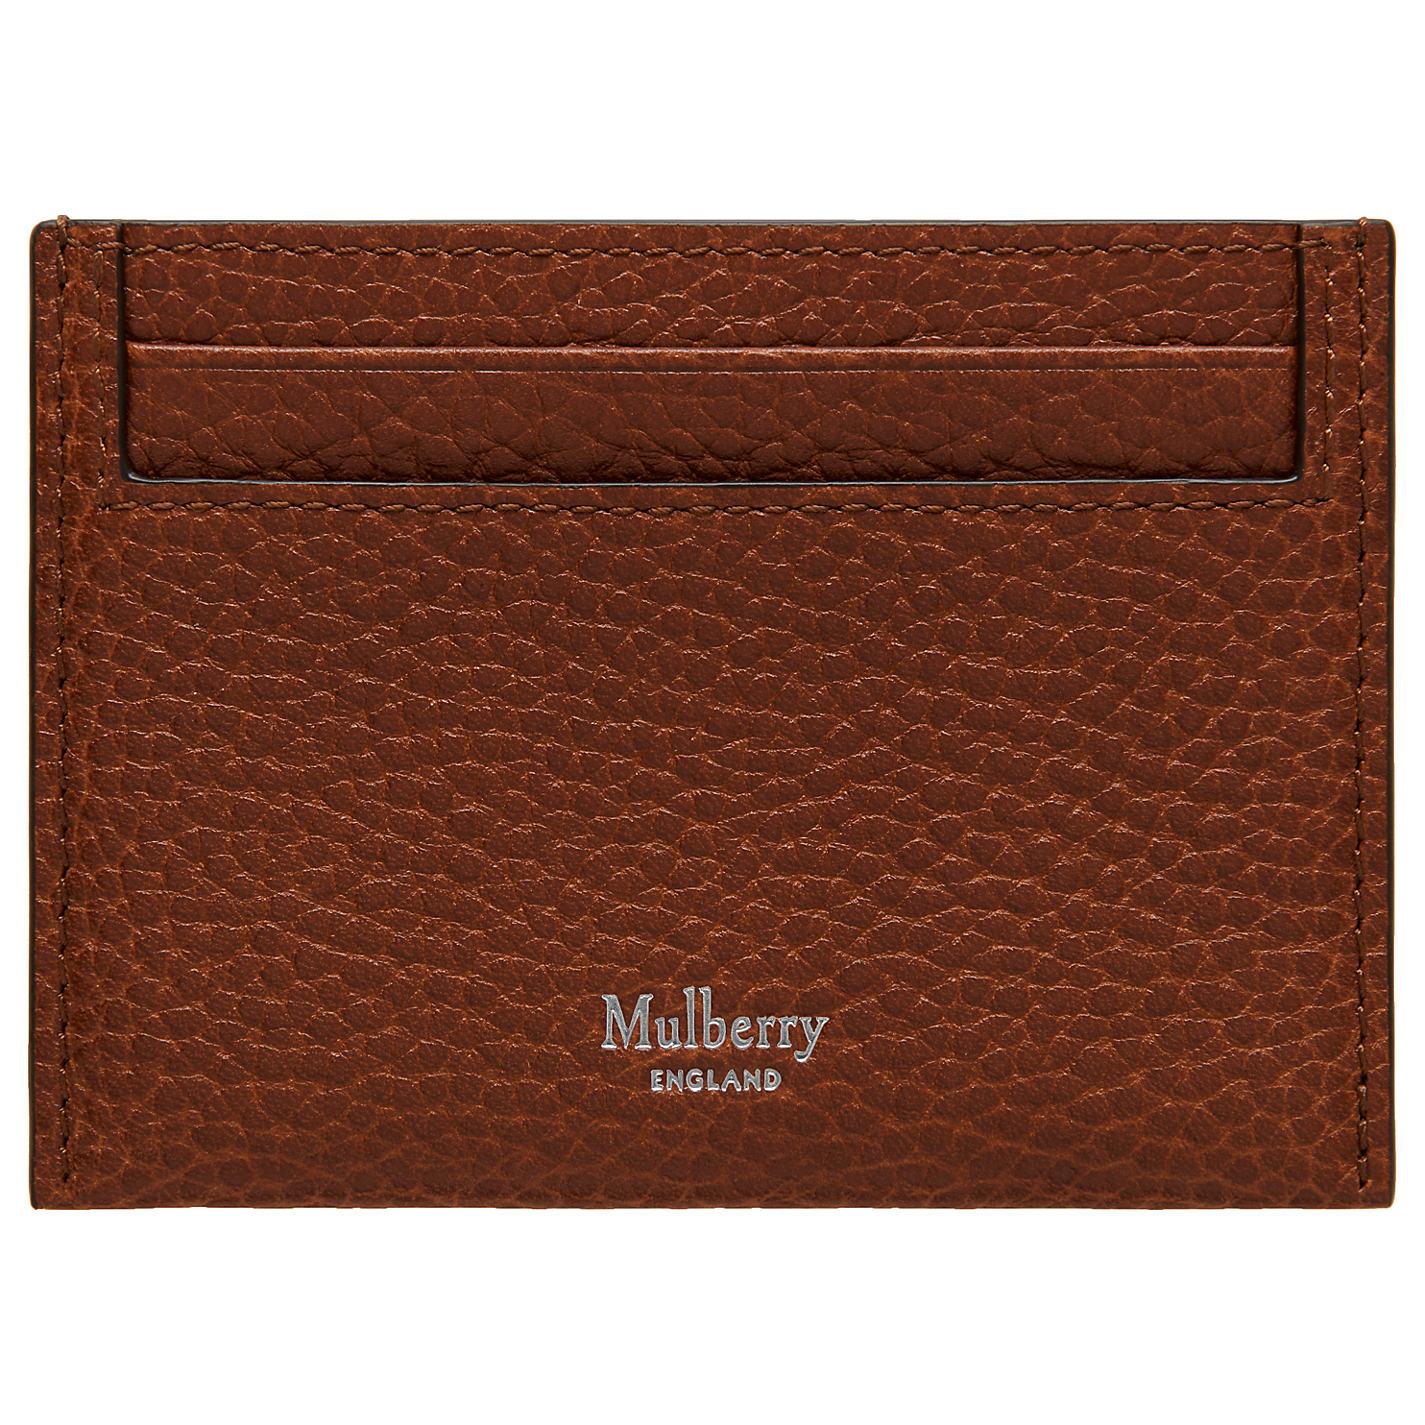 Men\'s Wallets   Leather Wallets & Card Holders   John Lewis